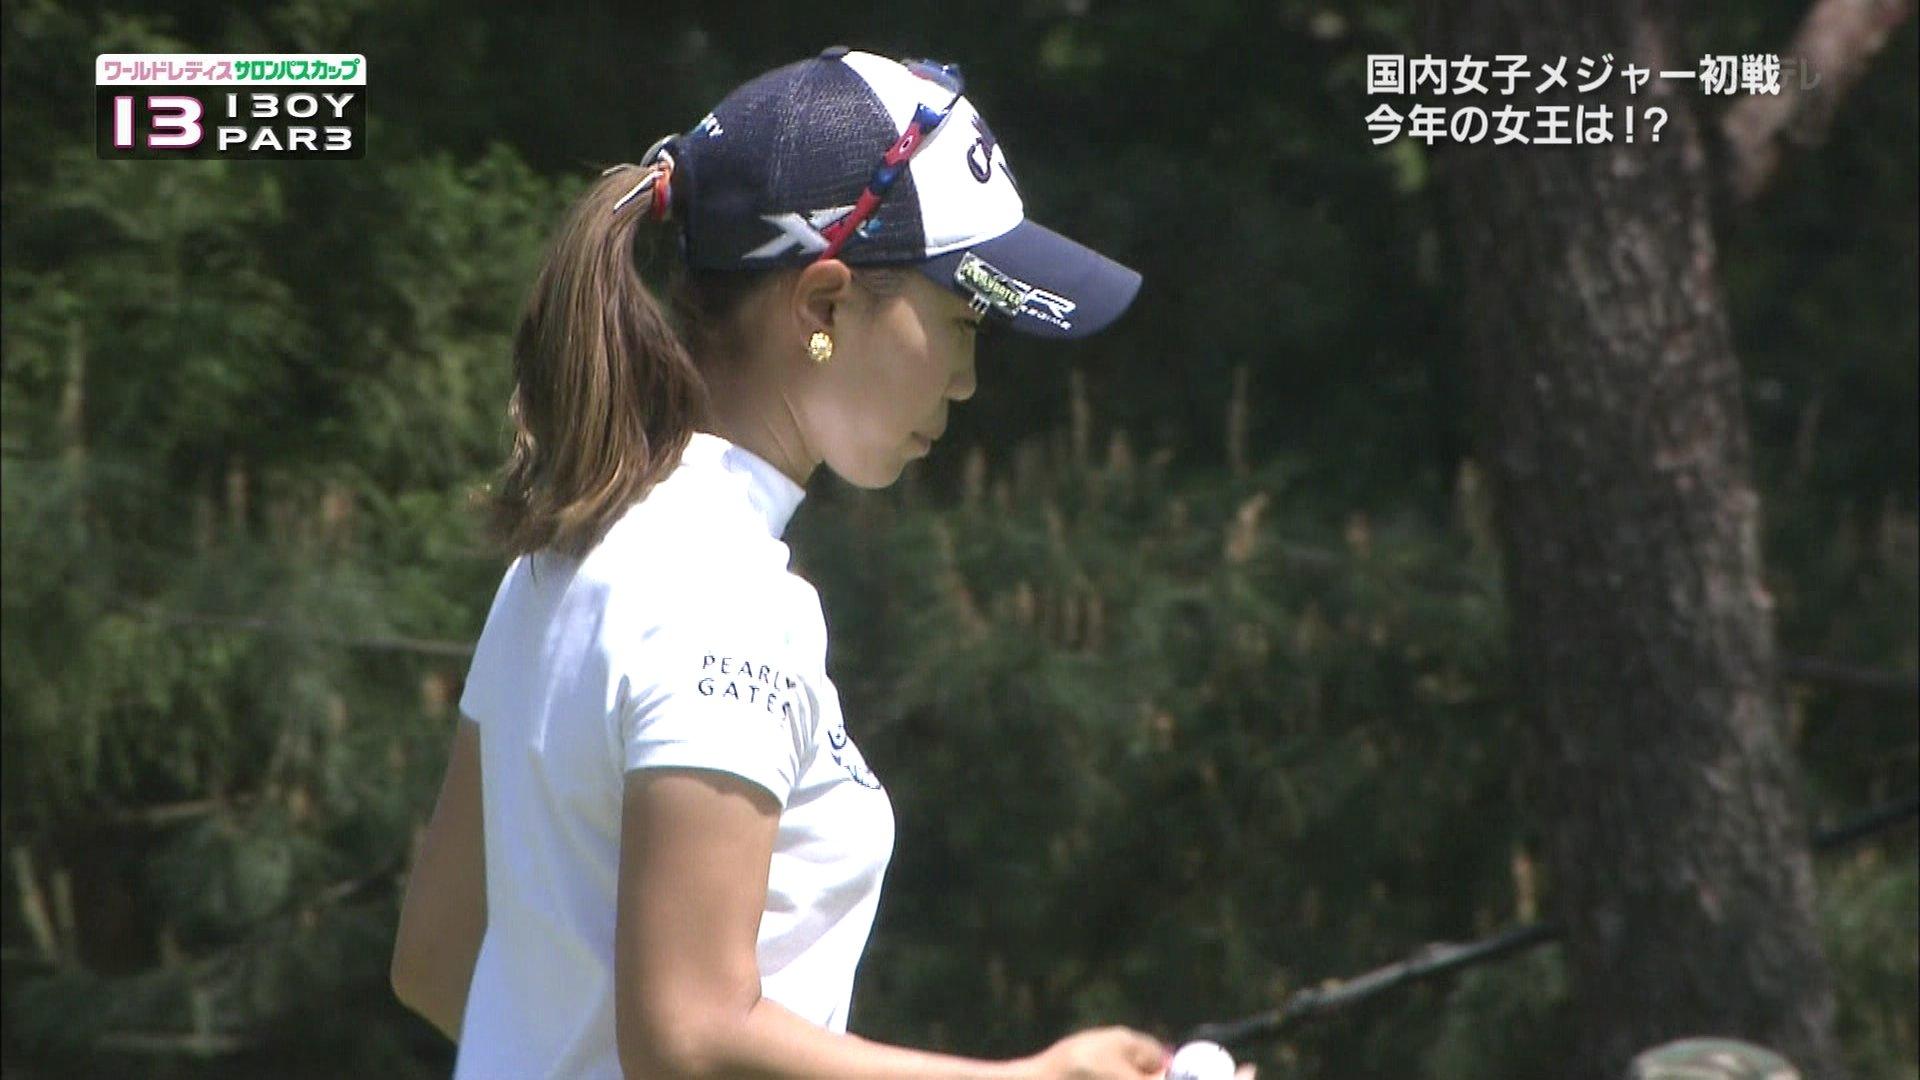 上田桃子 ワールドレディース サロンパスカップ 0015